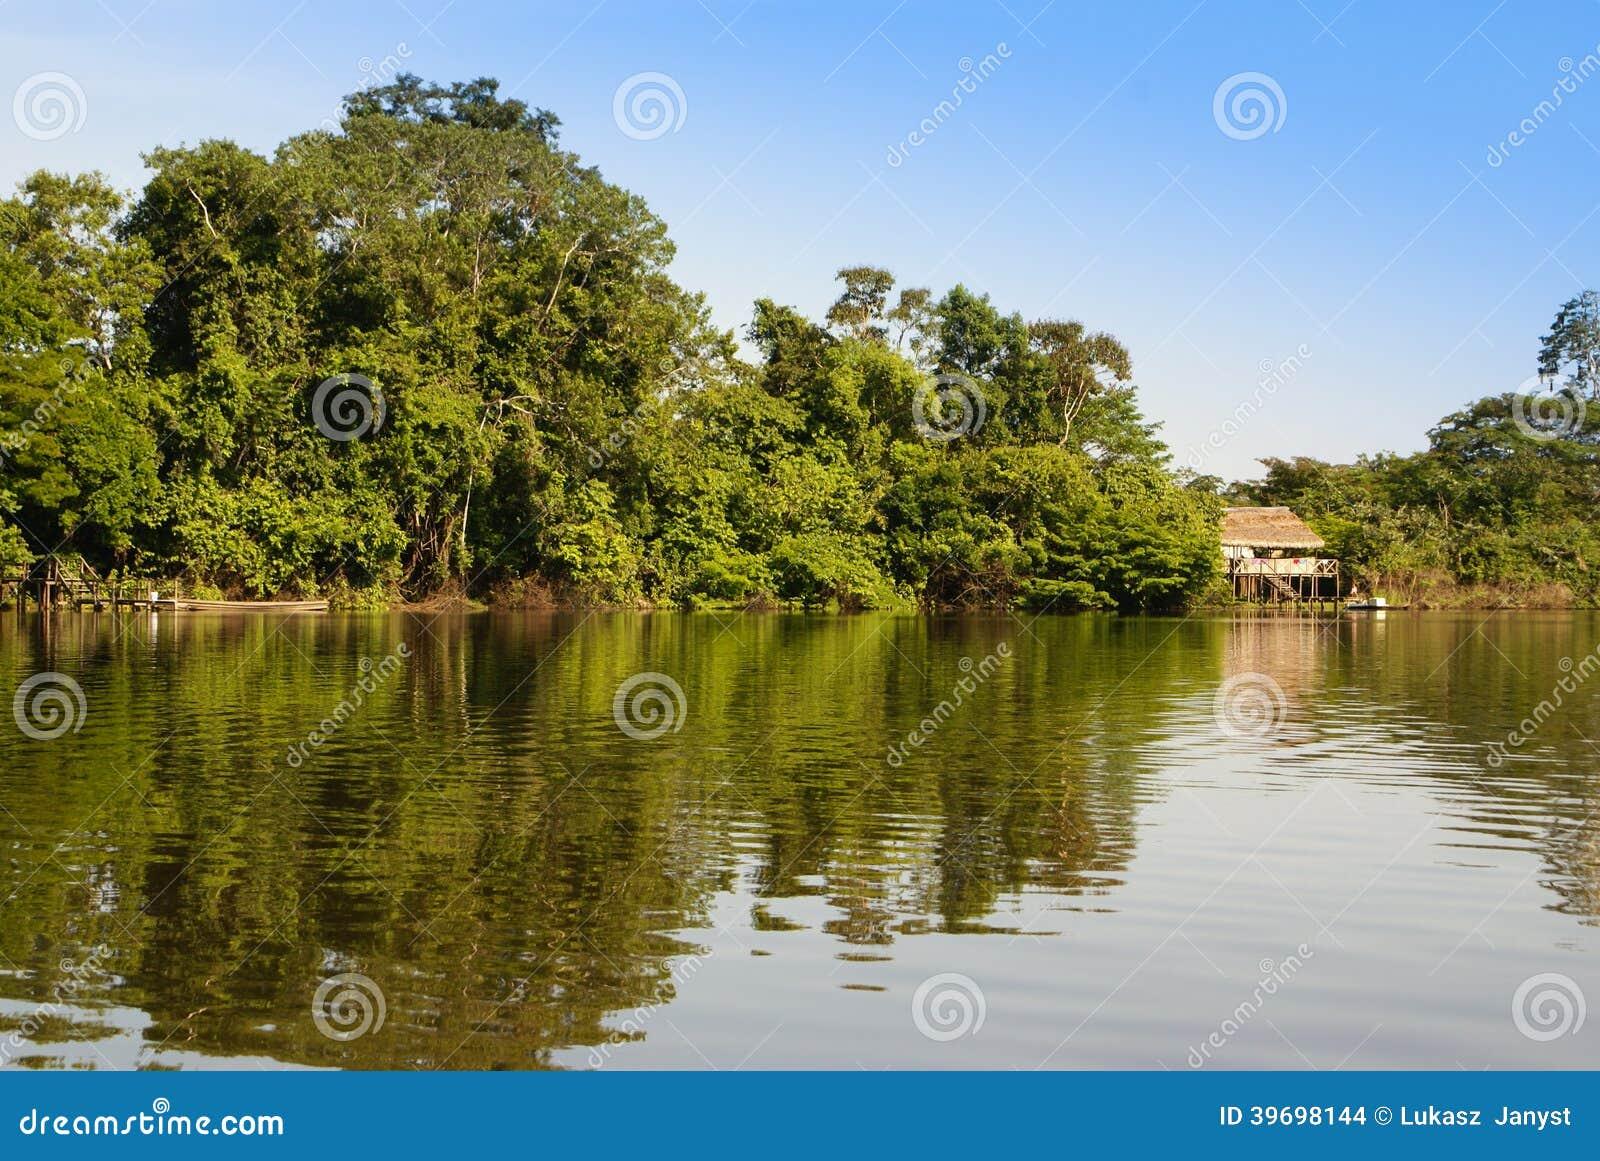 Perú, paisaje peruano de Amazonas. El presente ind típico de la foto